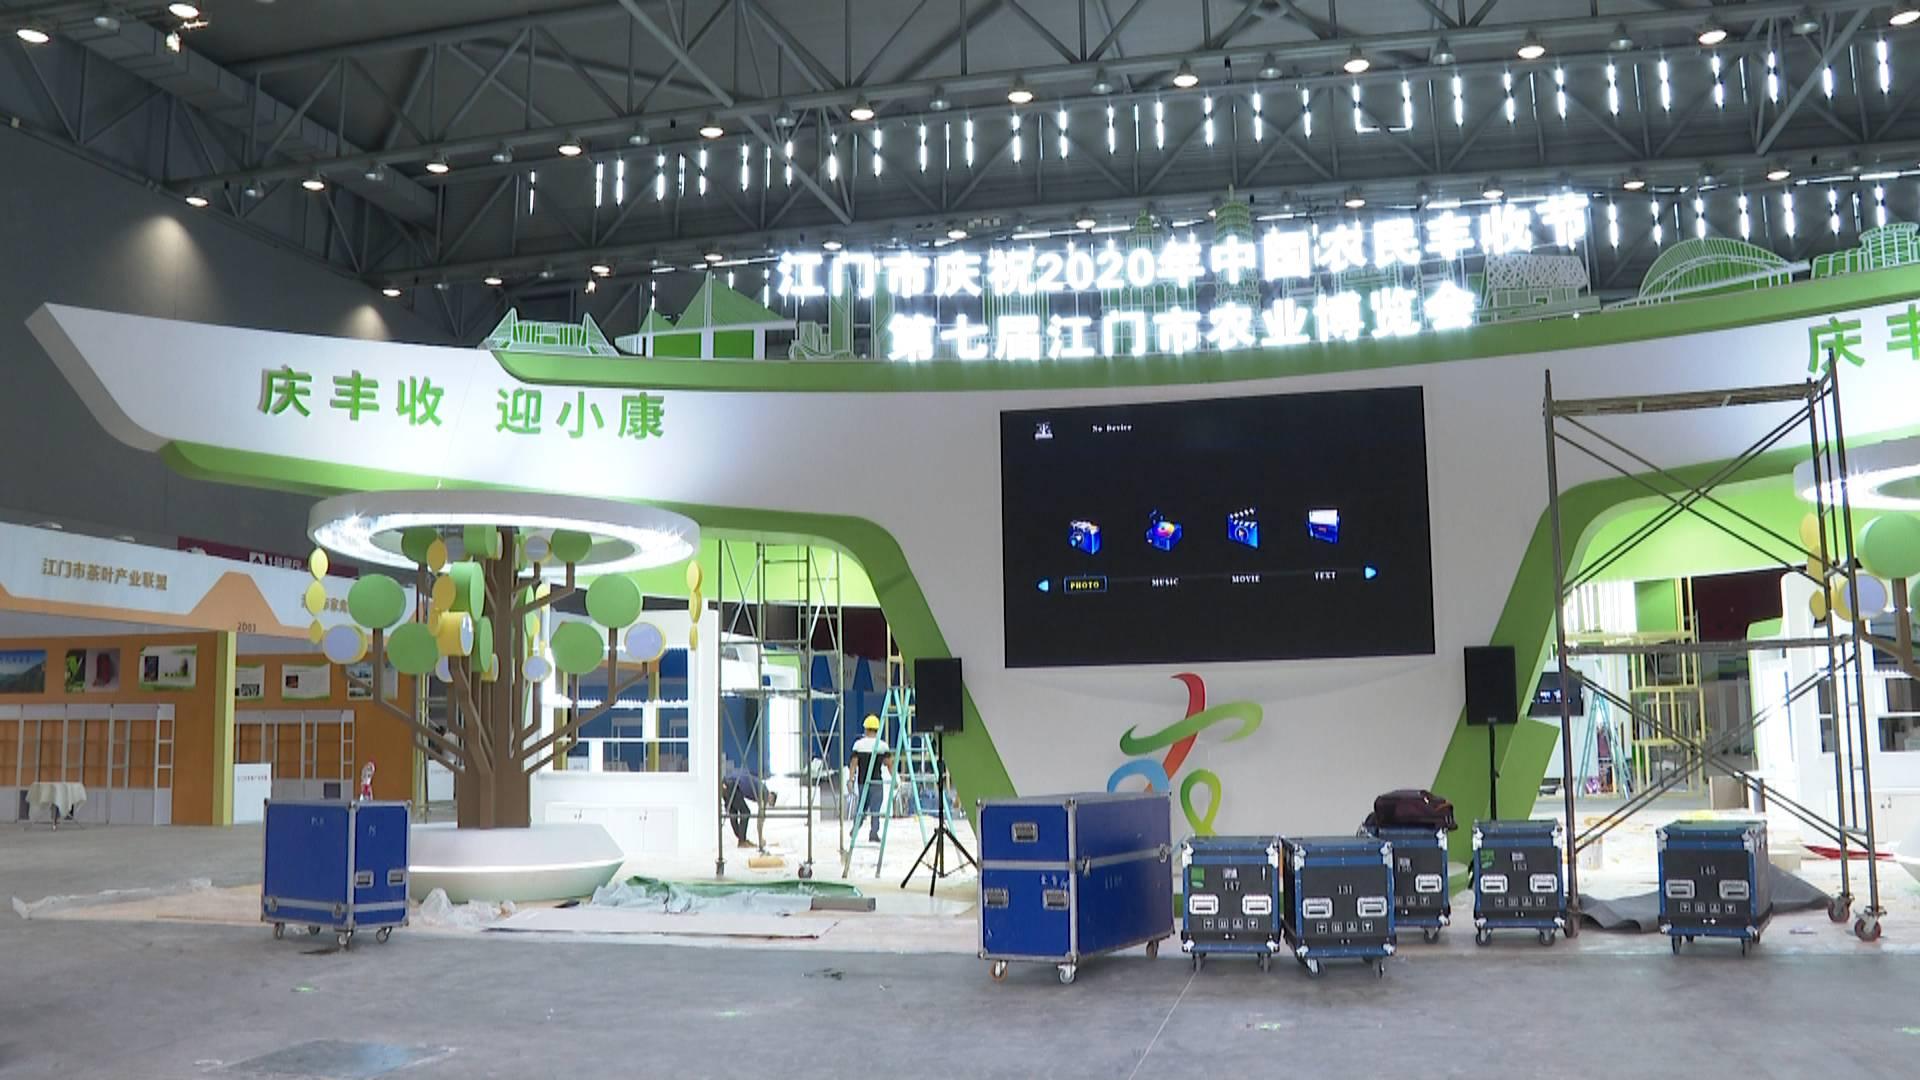 江门庆祝2020年农民丰收节第七届农博会明天开幕 高科技农业成亮点